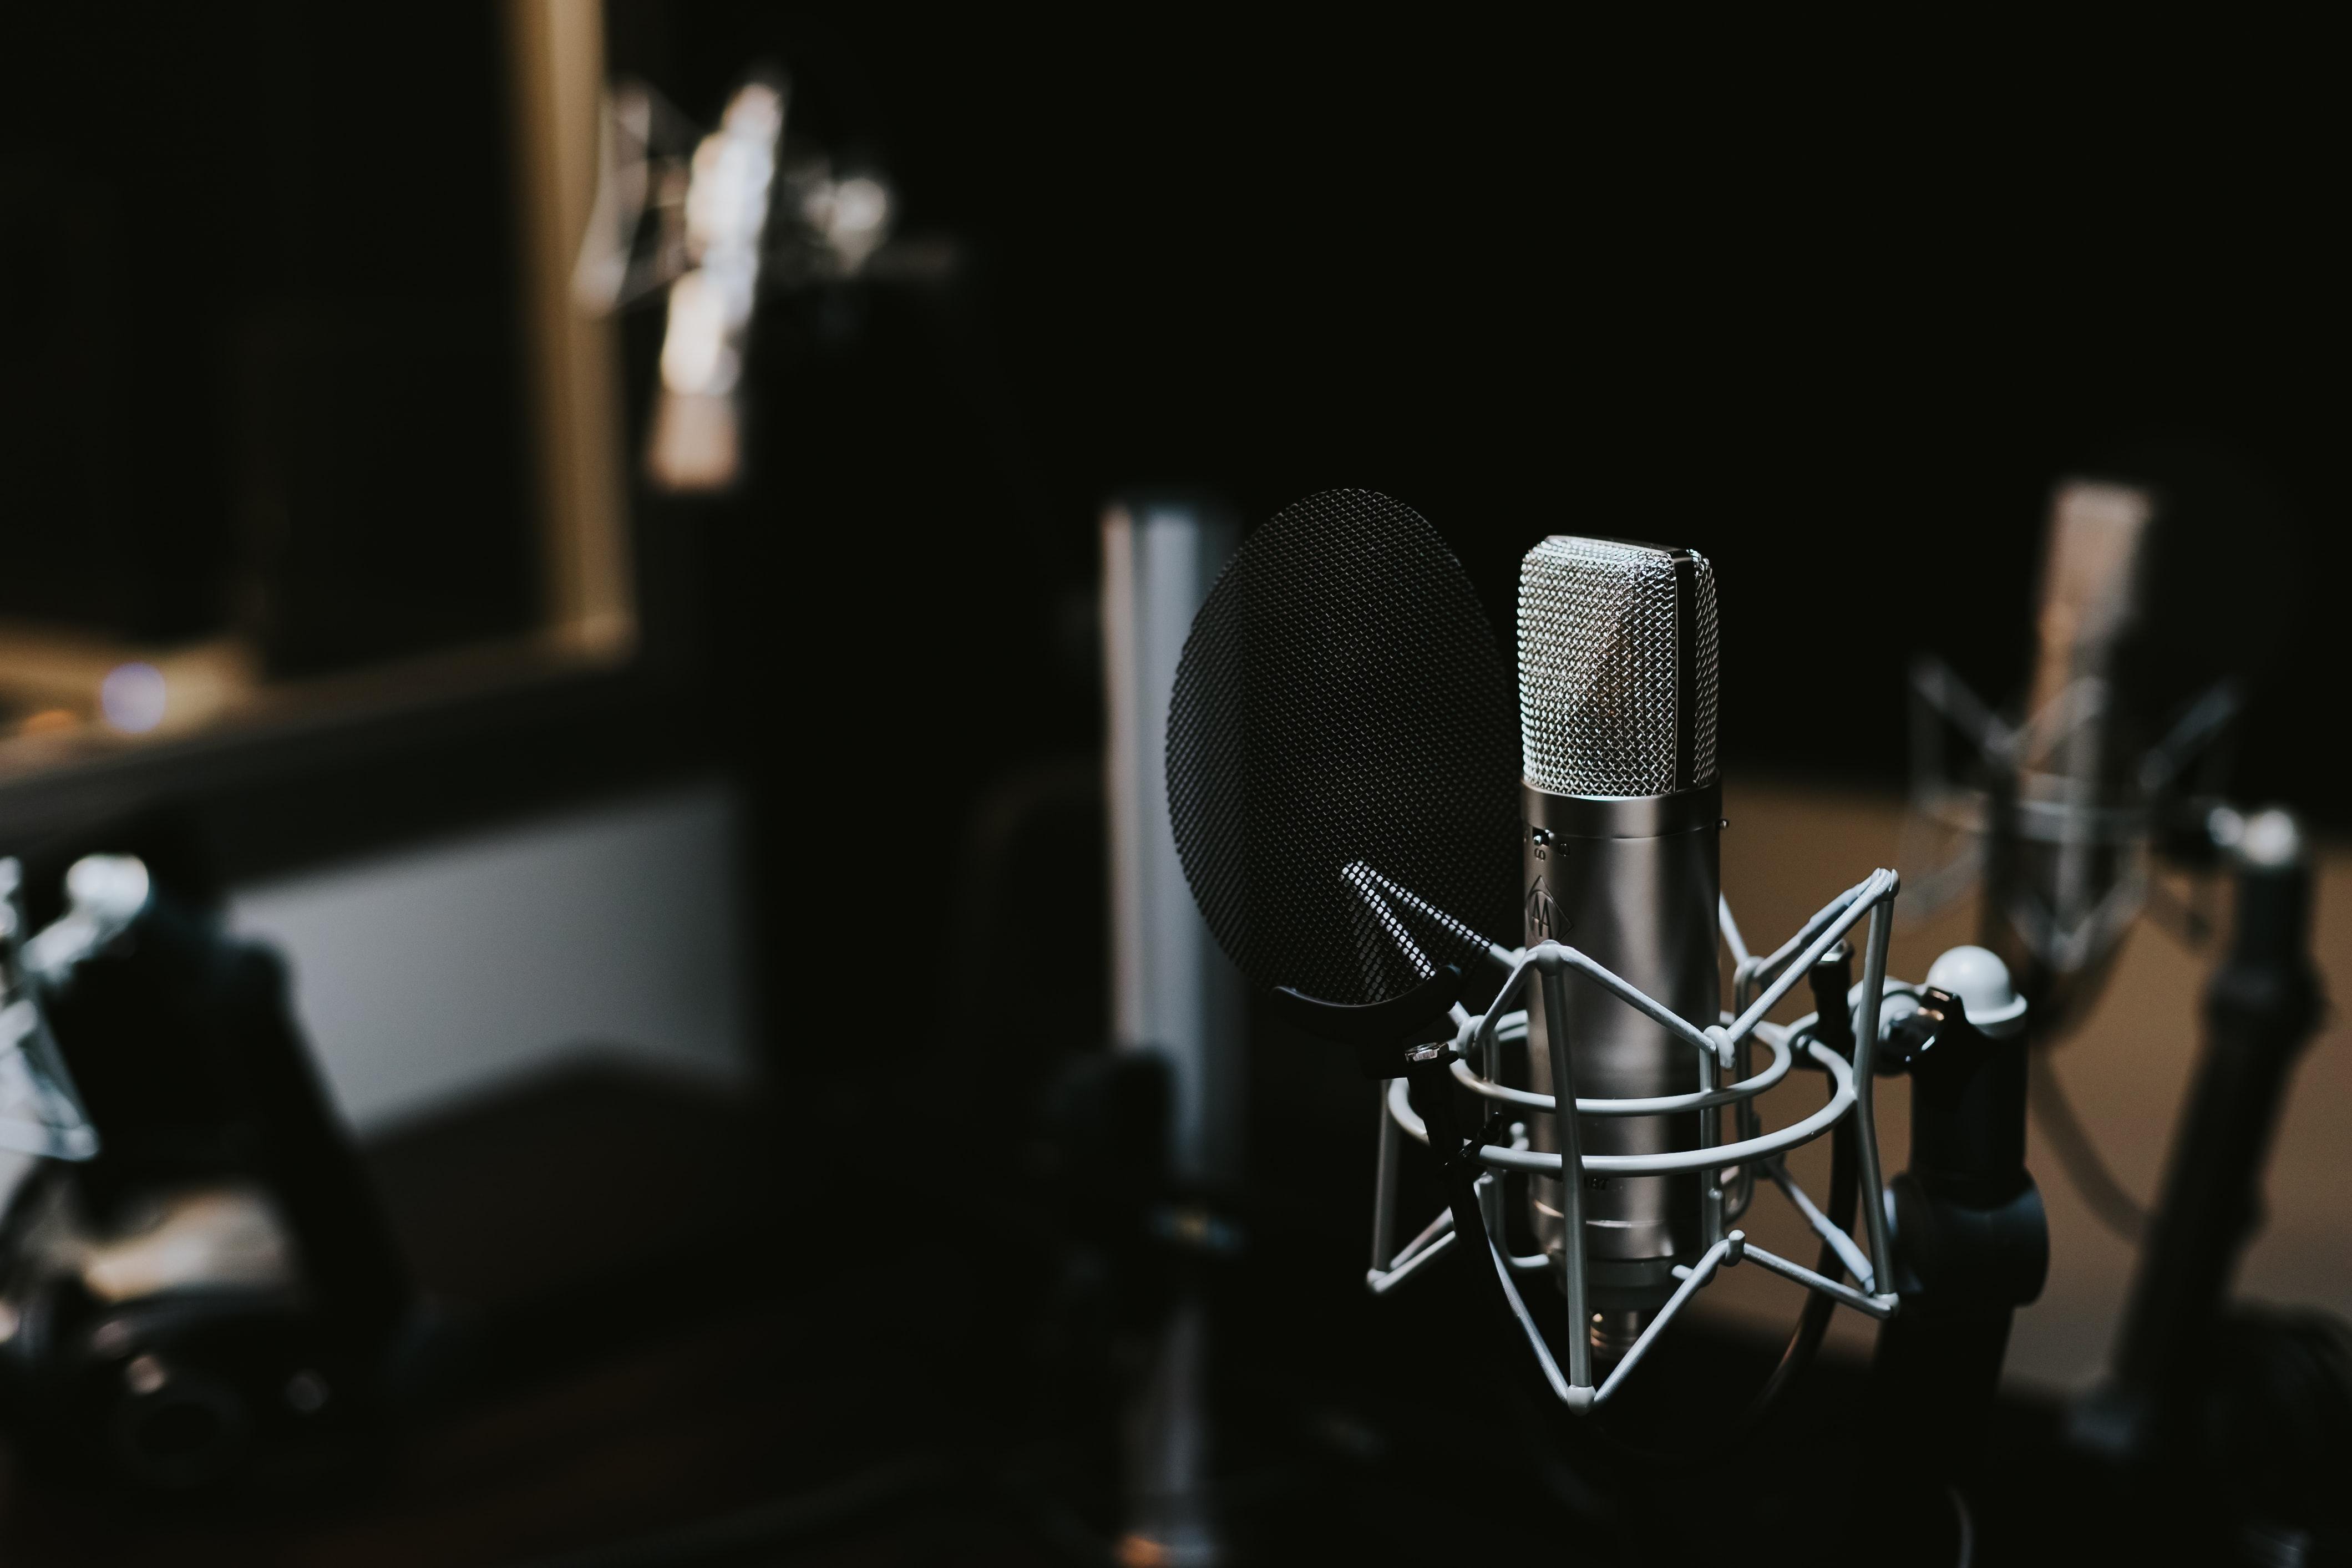 Як стати радіоведучим: продюсер 'Люкс ФМ' поділився всіма секретами ро